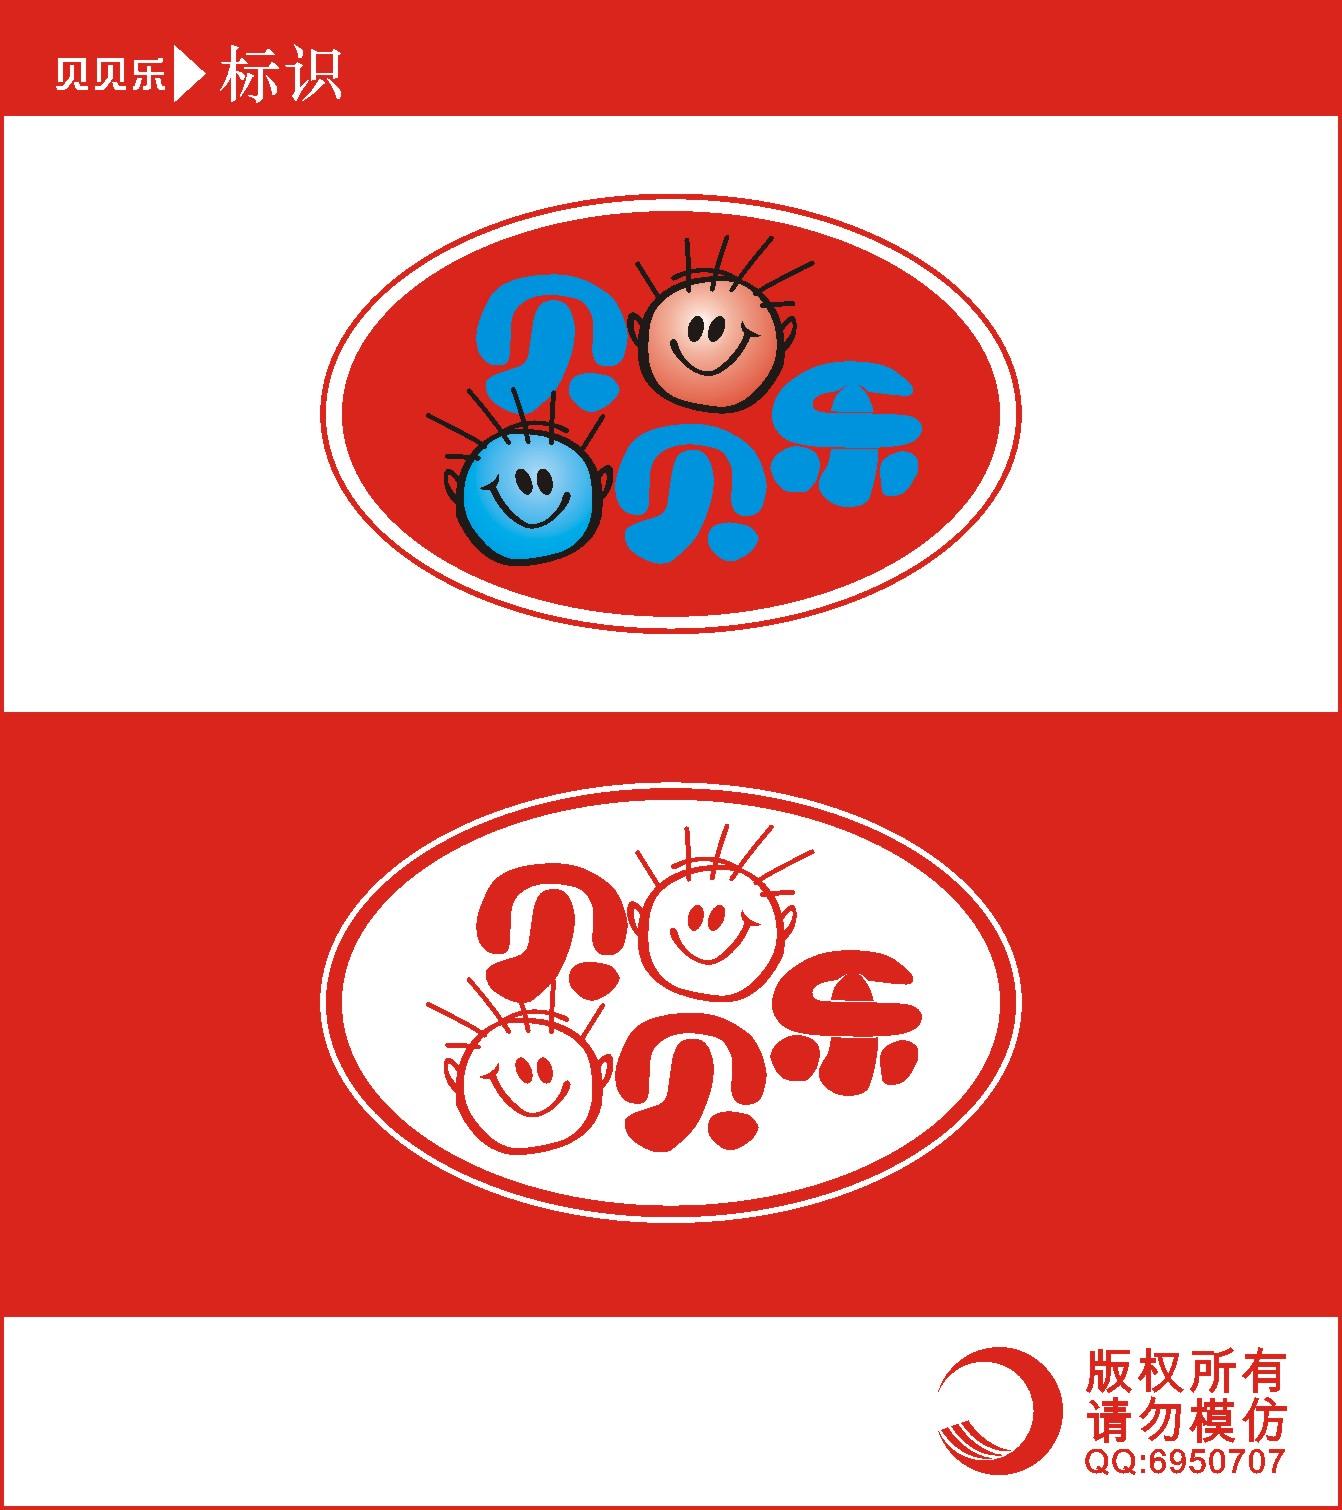 儿童理发店设计logo,门头,名片,标准字(投票:鸿蚁,叶方,oyj1999